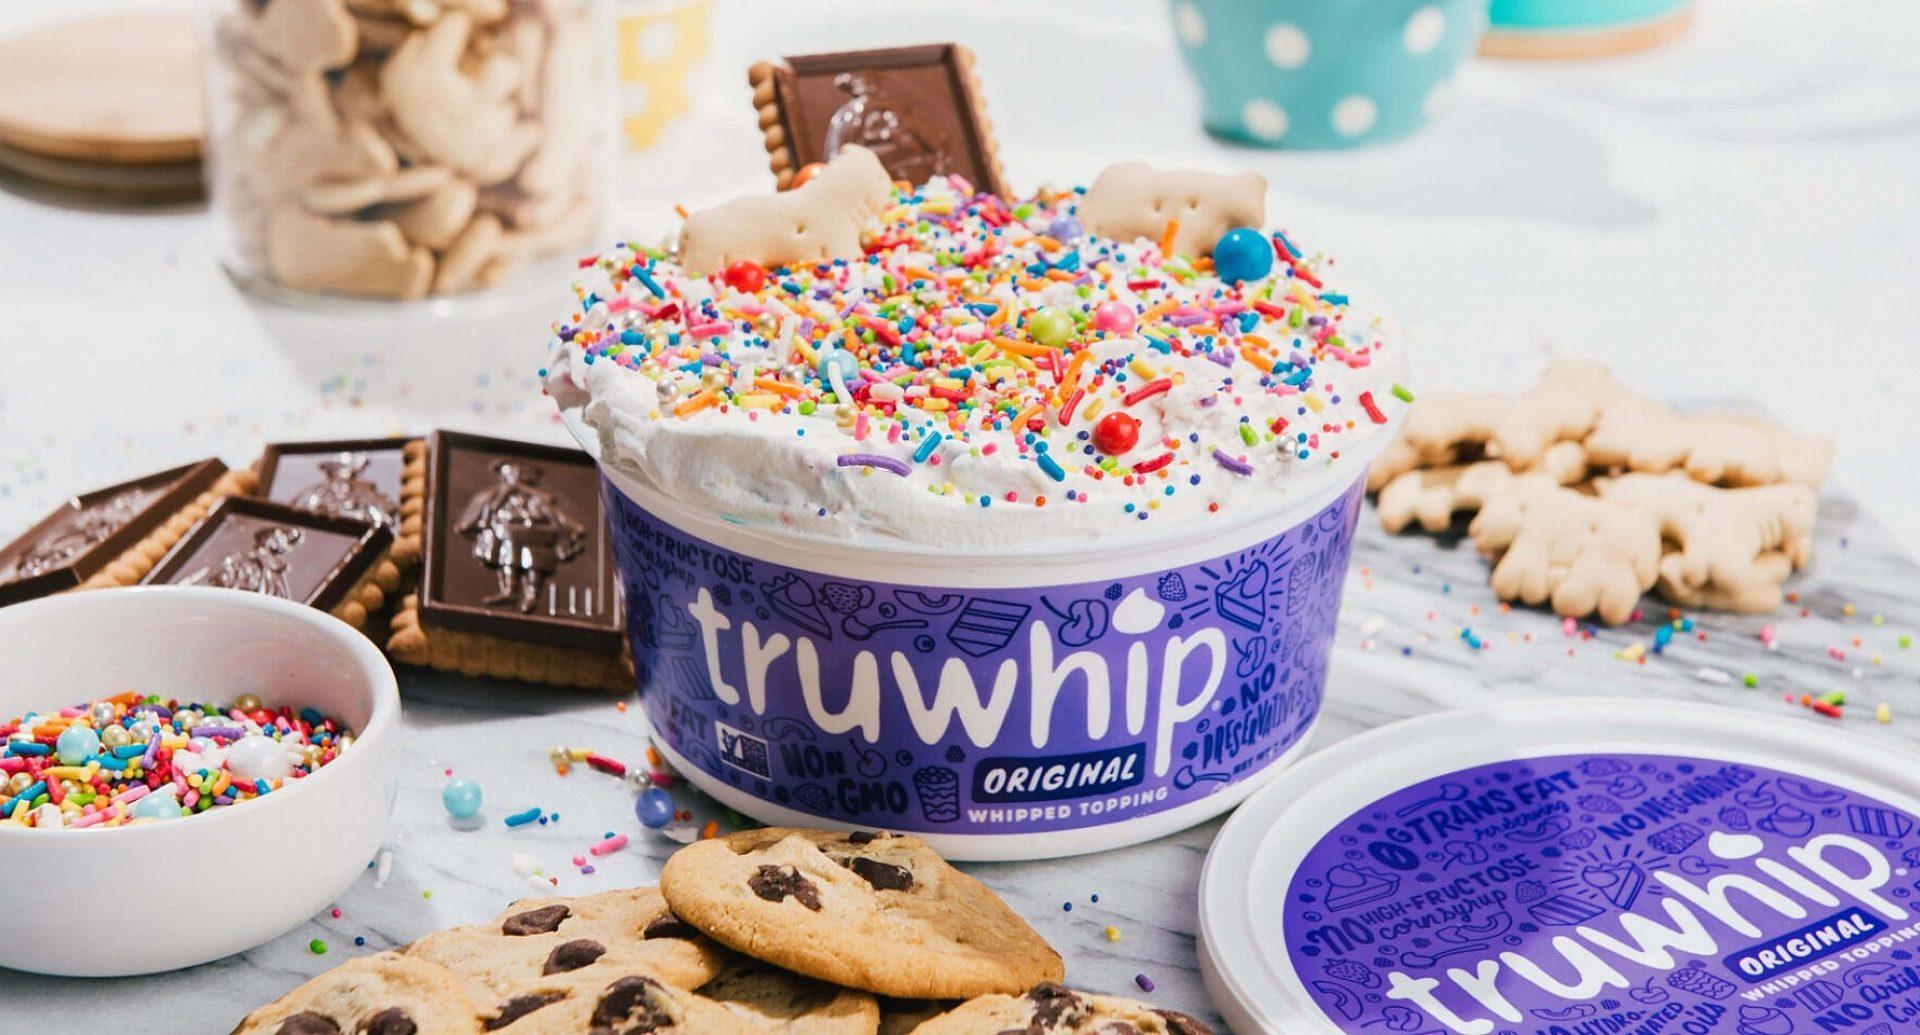 Truwhip Funfetti Dip Sprinkles Cookies